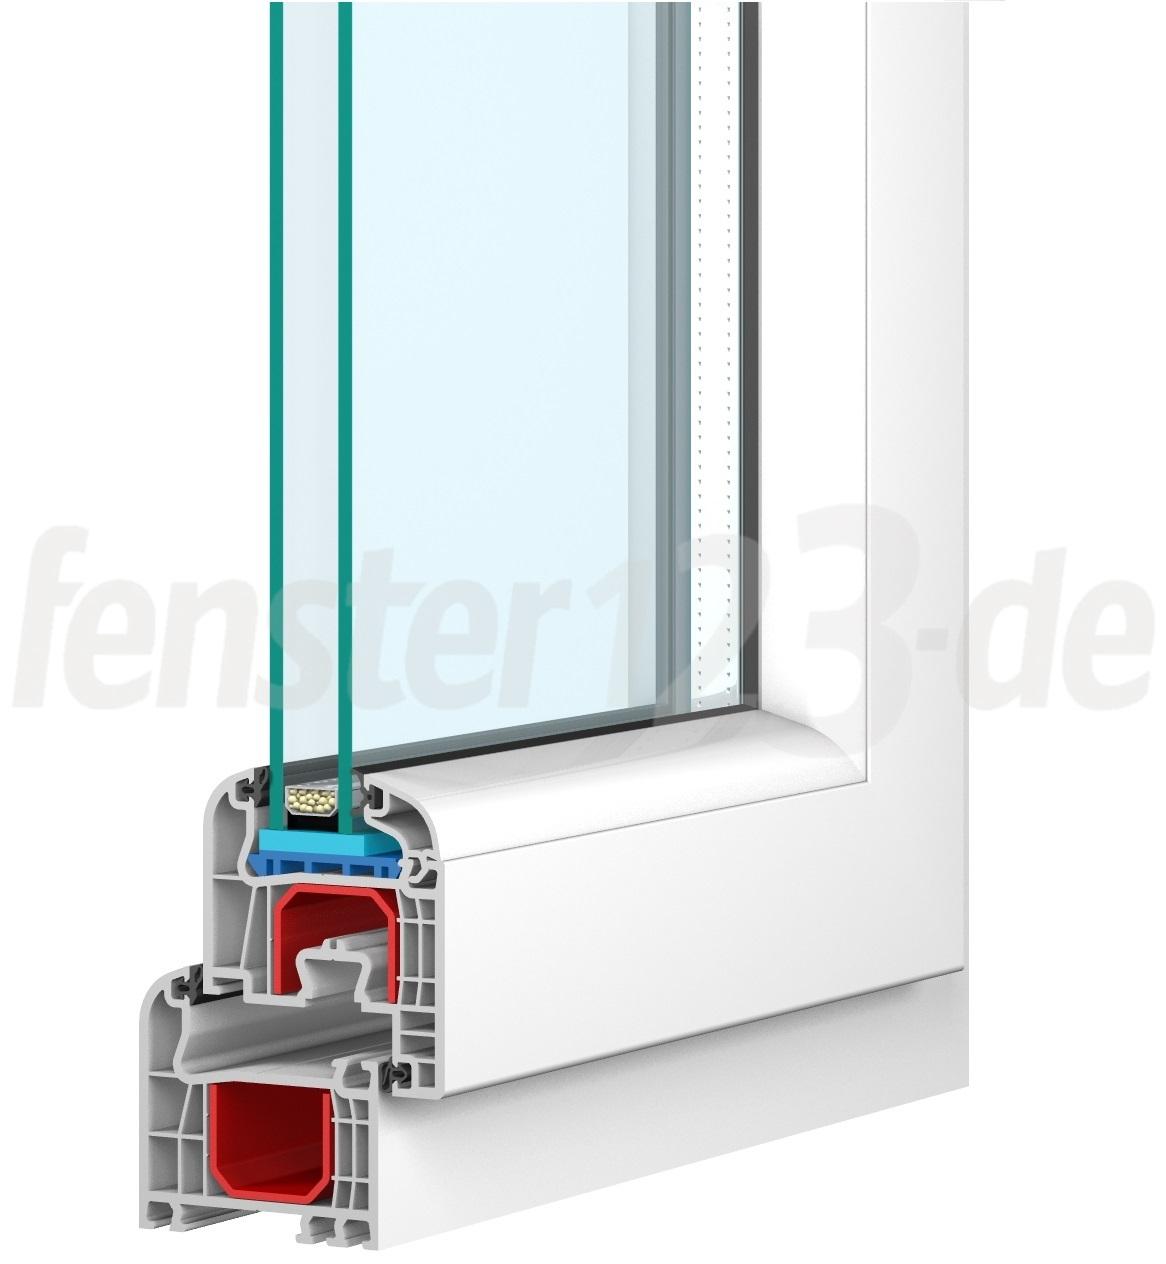 Maco fenster montage griff schl ssel fenstergriff for Fenster 2 meter breit